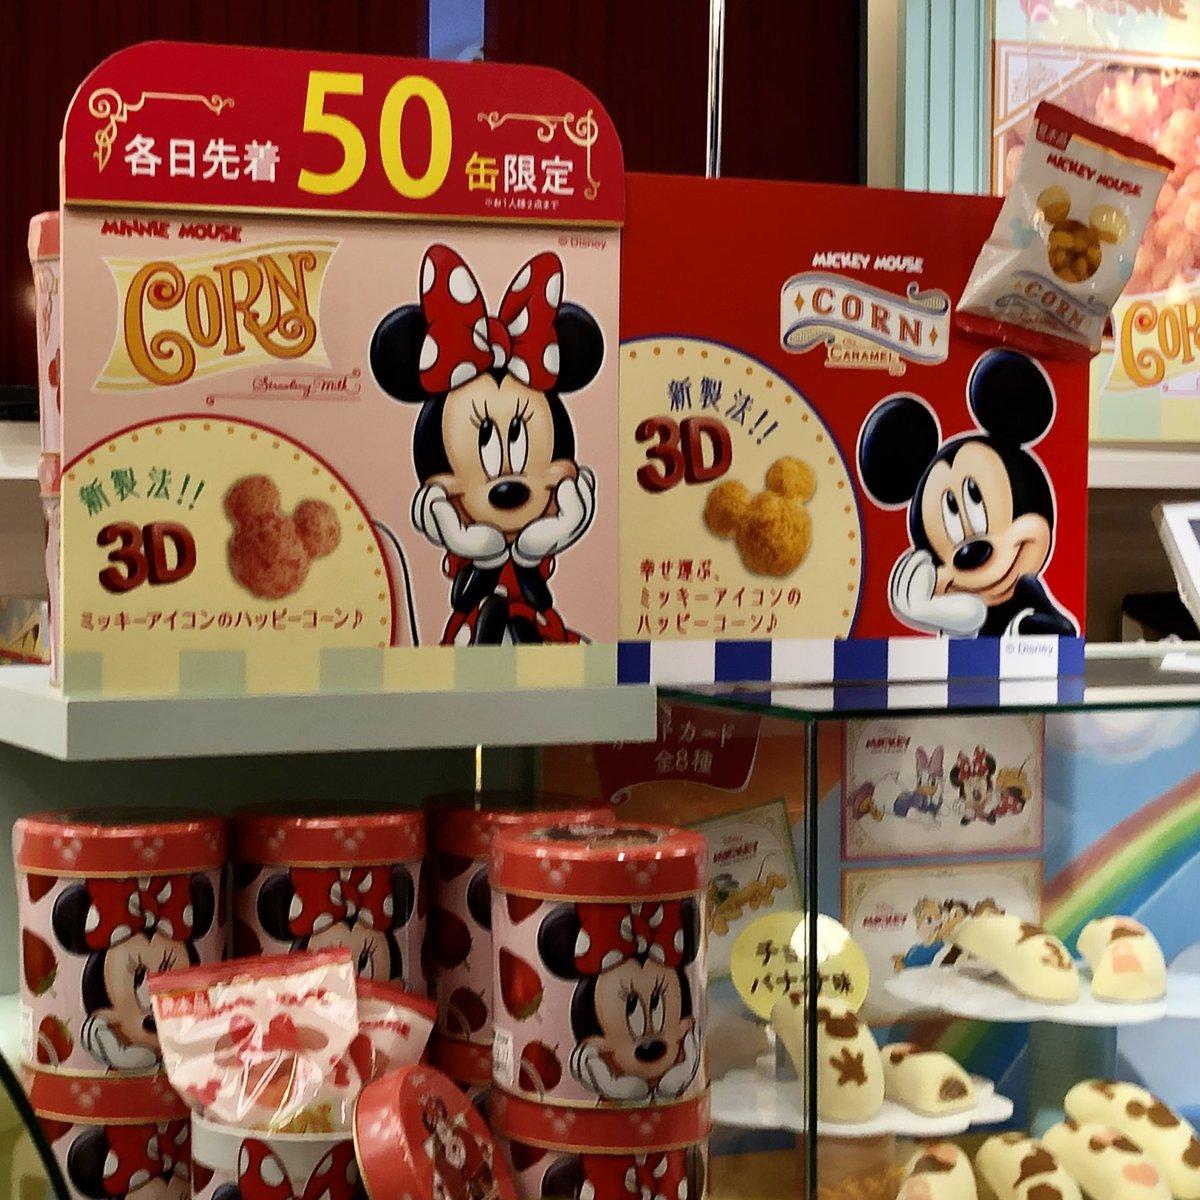 test ツイッターメディア - 東京駅のDisney SWEETS COLLECTION by東京ばな奈に先日行ってきました✨ かわいくてすぐわかりました(≧∀≦) ミニーのいちごミルク味、甘くて美味しかった🎶 スペシャル缶もありました! また買いに行くと思う(*´ω`*) https://t.co/mAnnsdevuA